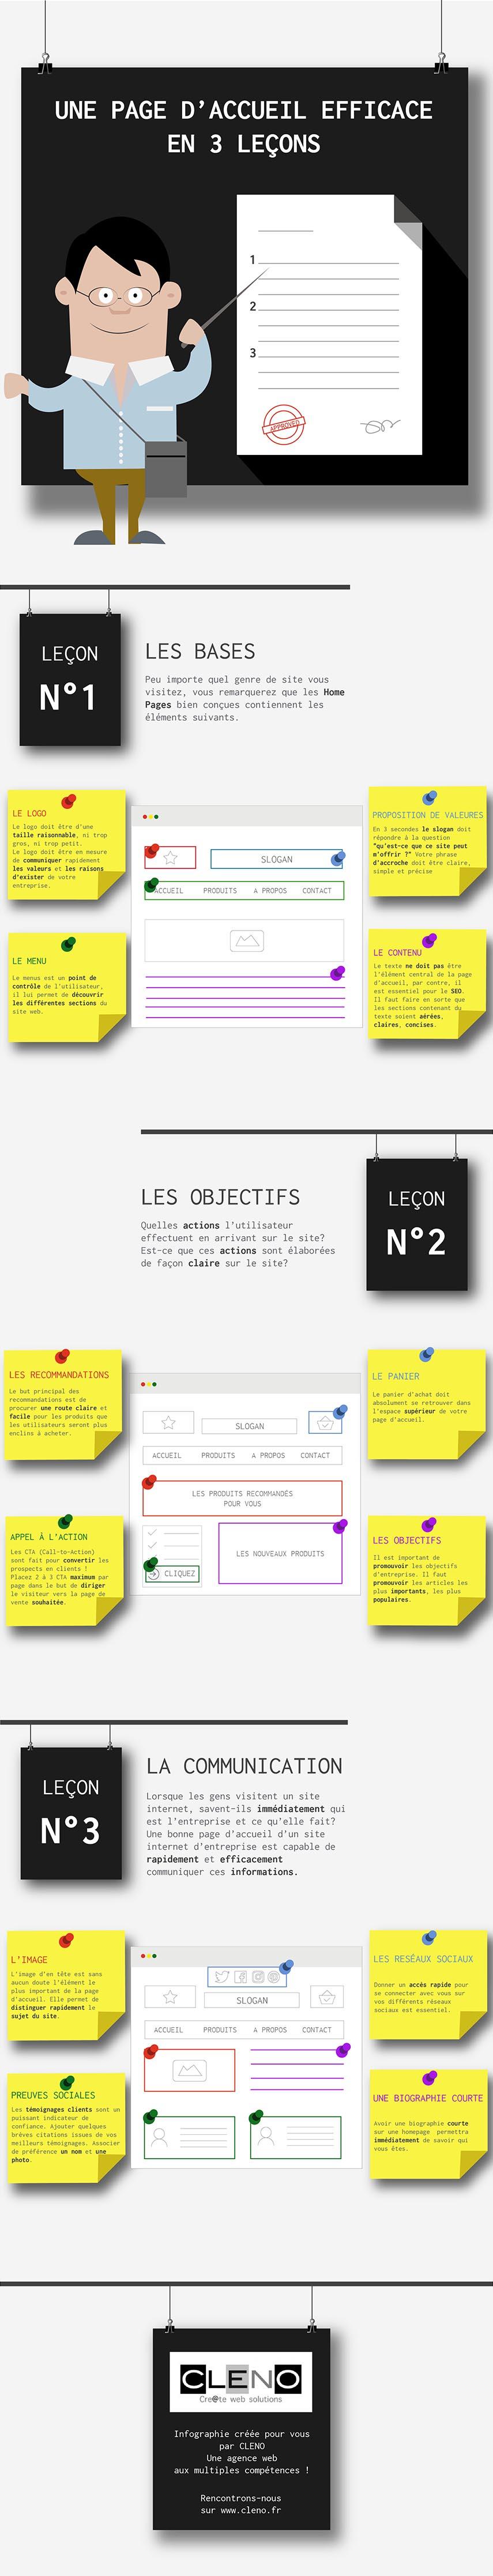 infographie comment créer une page d'accueil efficace